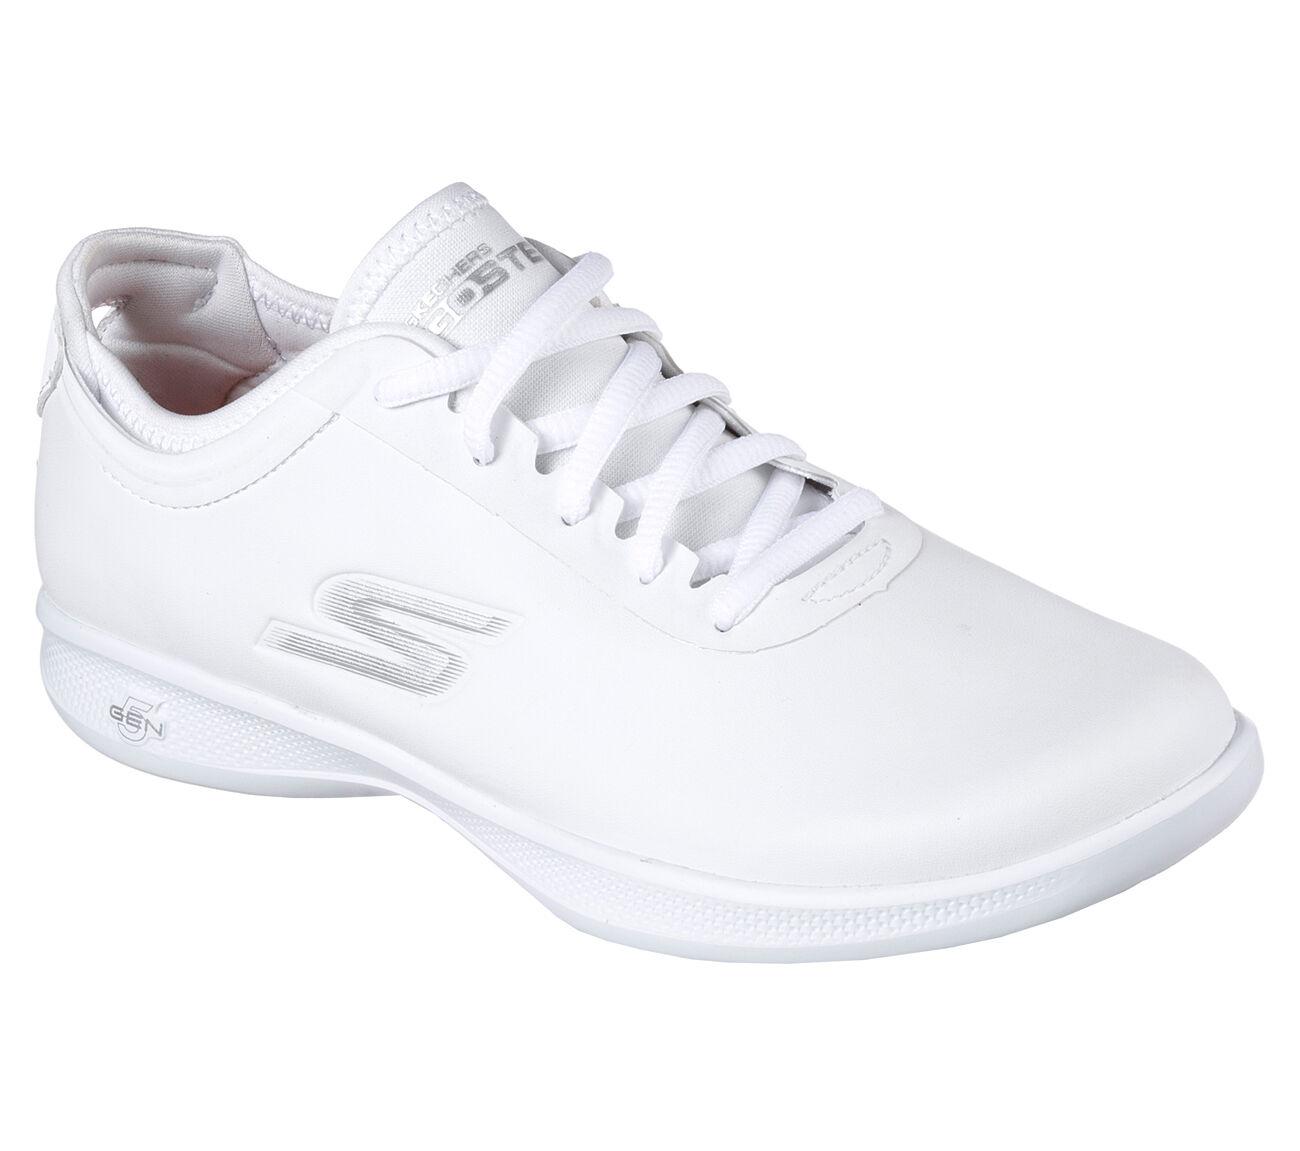 Descuento por tiempo limitado NUEVA, Para Dama Skechers Deportivo Cojín Lite Ovación GOGA Max Blanco